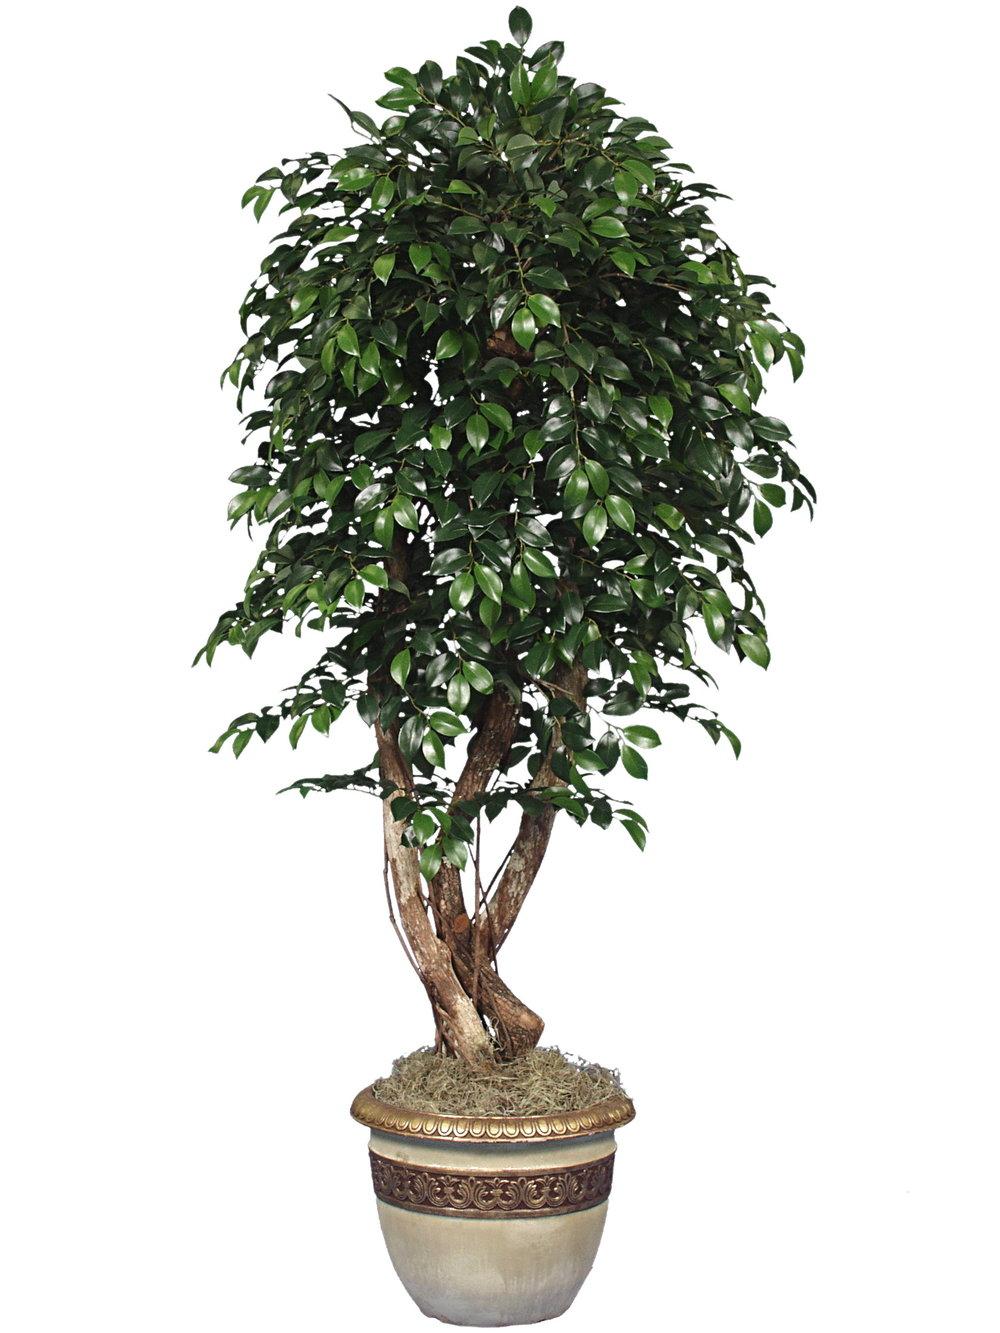 TRG 2450- Sacagi Ficus